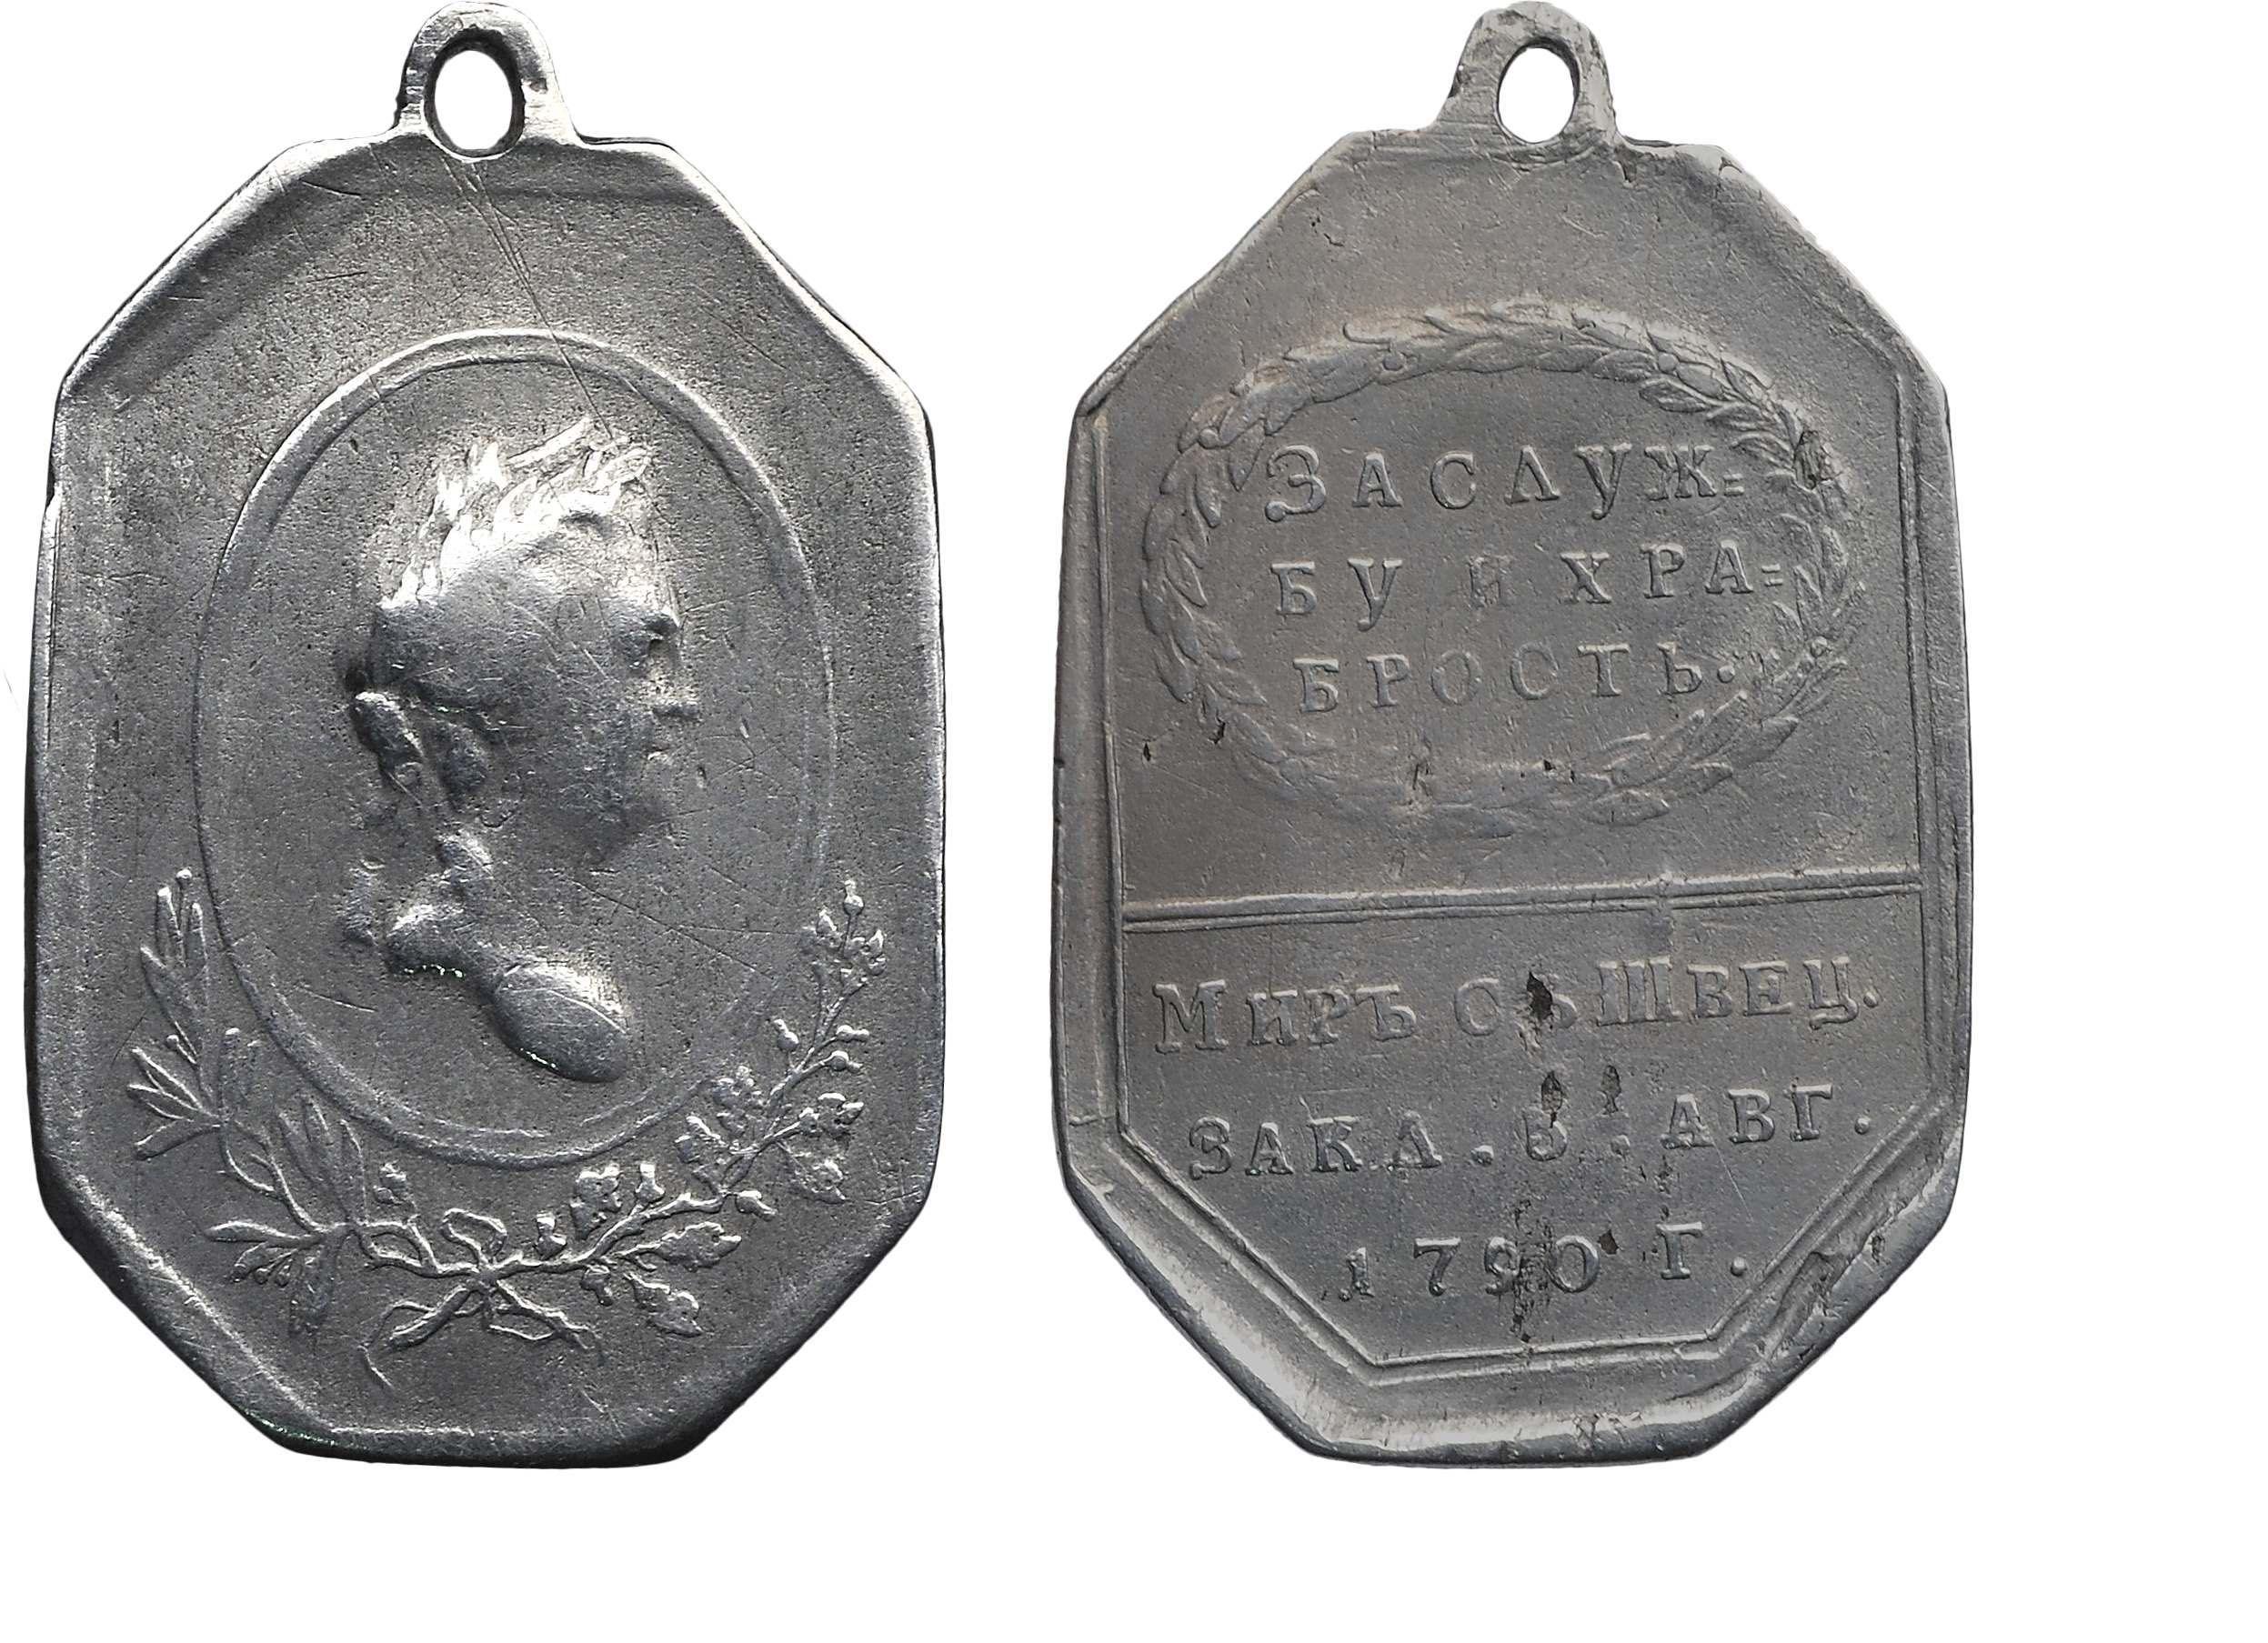 Наградная медаль «На заключение мира со Швецией. 3 августа 1790 г.»